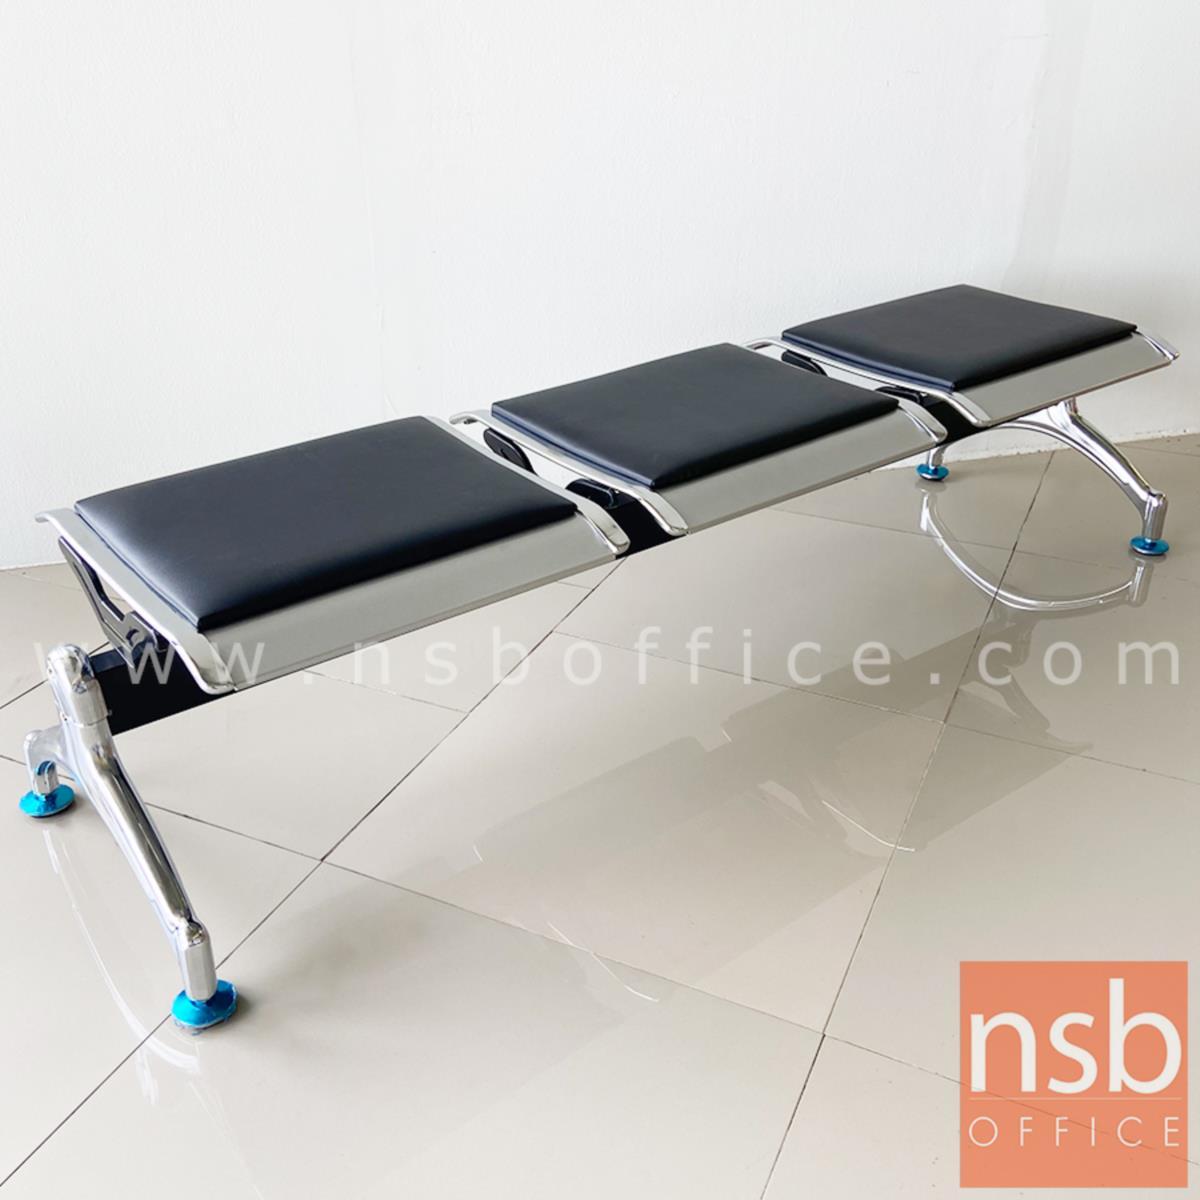 B06A149:เก้าอี้นั่งคอยหุ้มหนังเทียม รุ่น Pisa (ปิซา) 3 ที่นั่ง ขาเหล็ก ไม่มีที่พักแขน